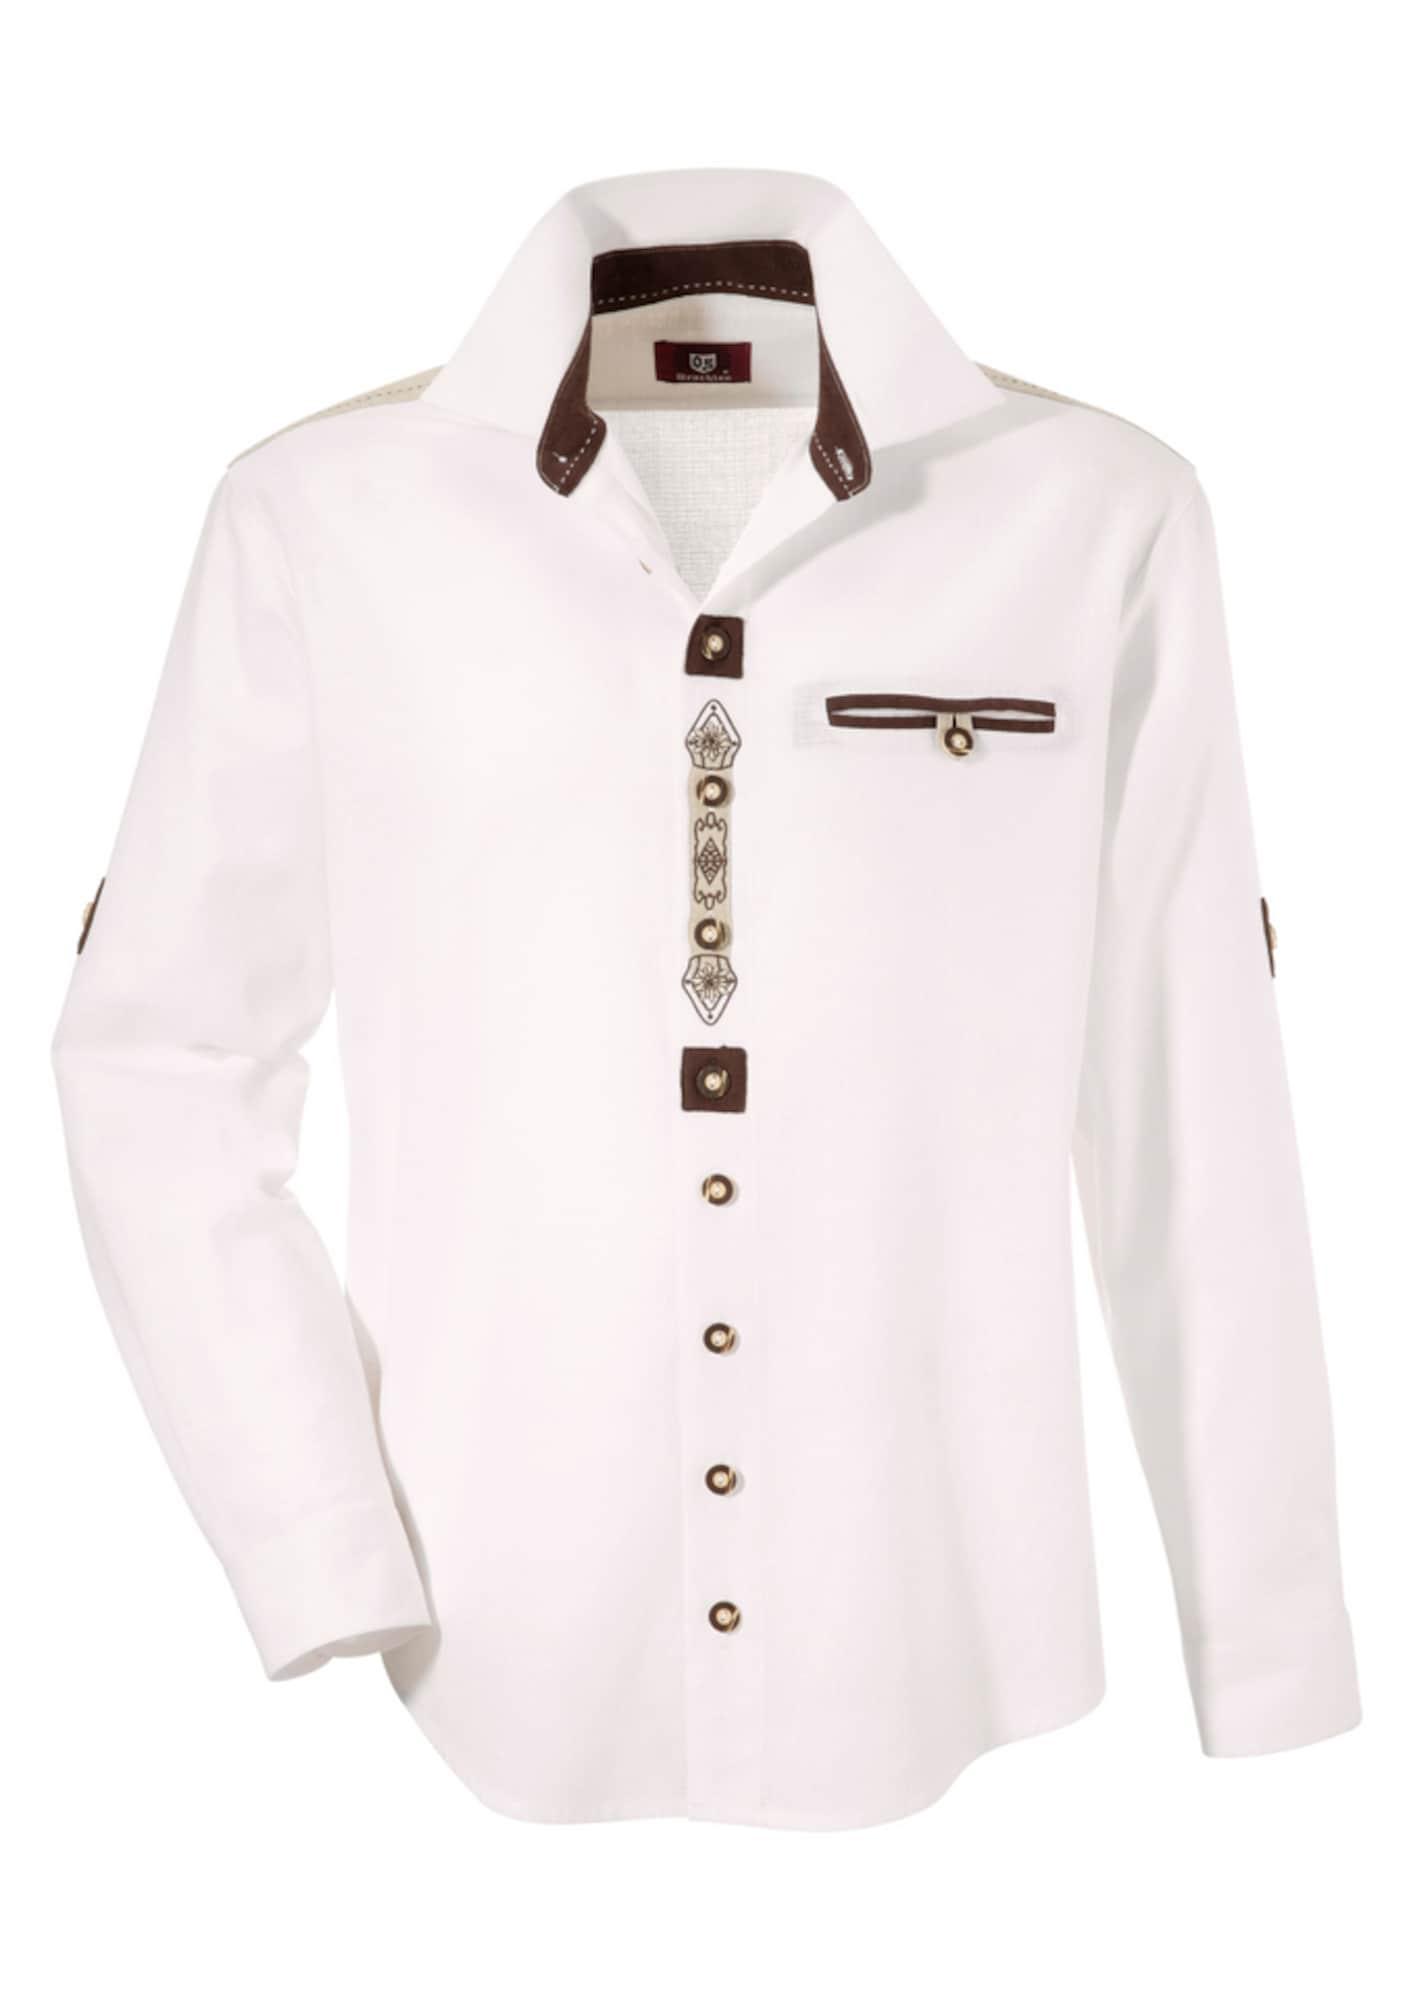 Trachtenhemd im Landhausstil | Bekleidung > Hemden > Trachtenhemden | OS-TRACHTEN